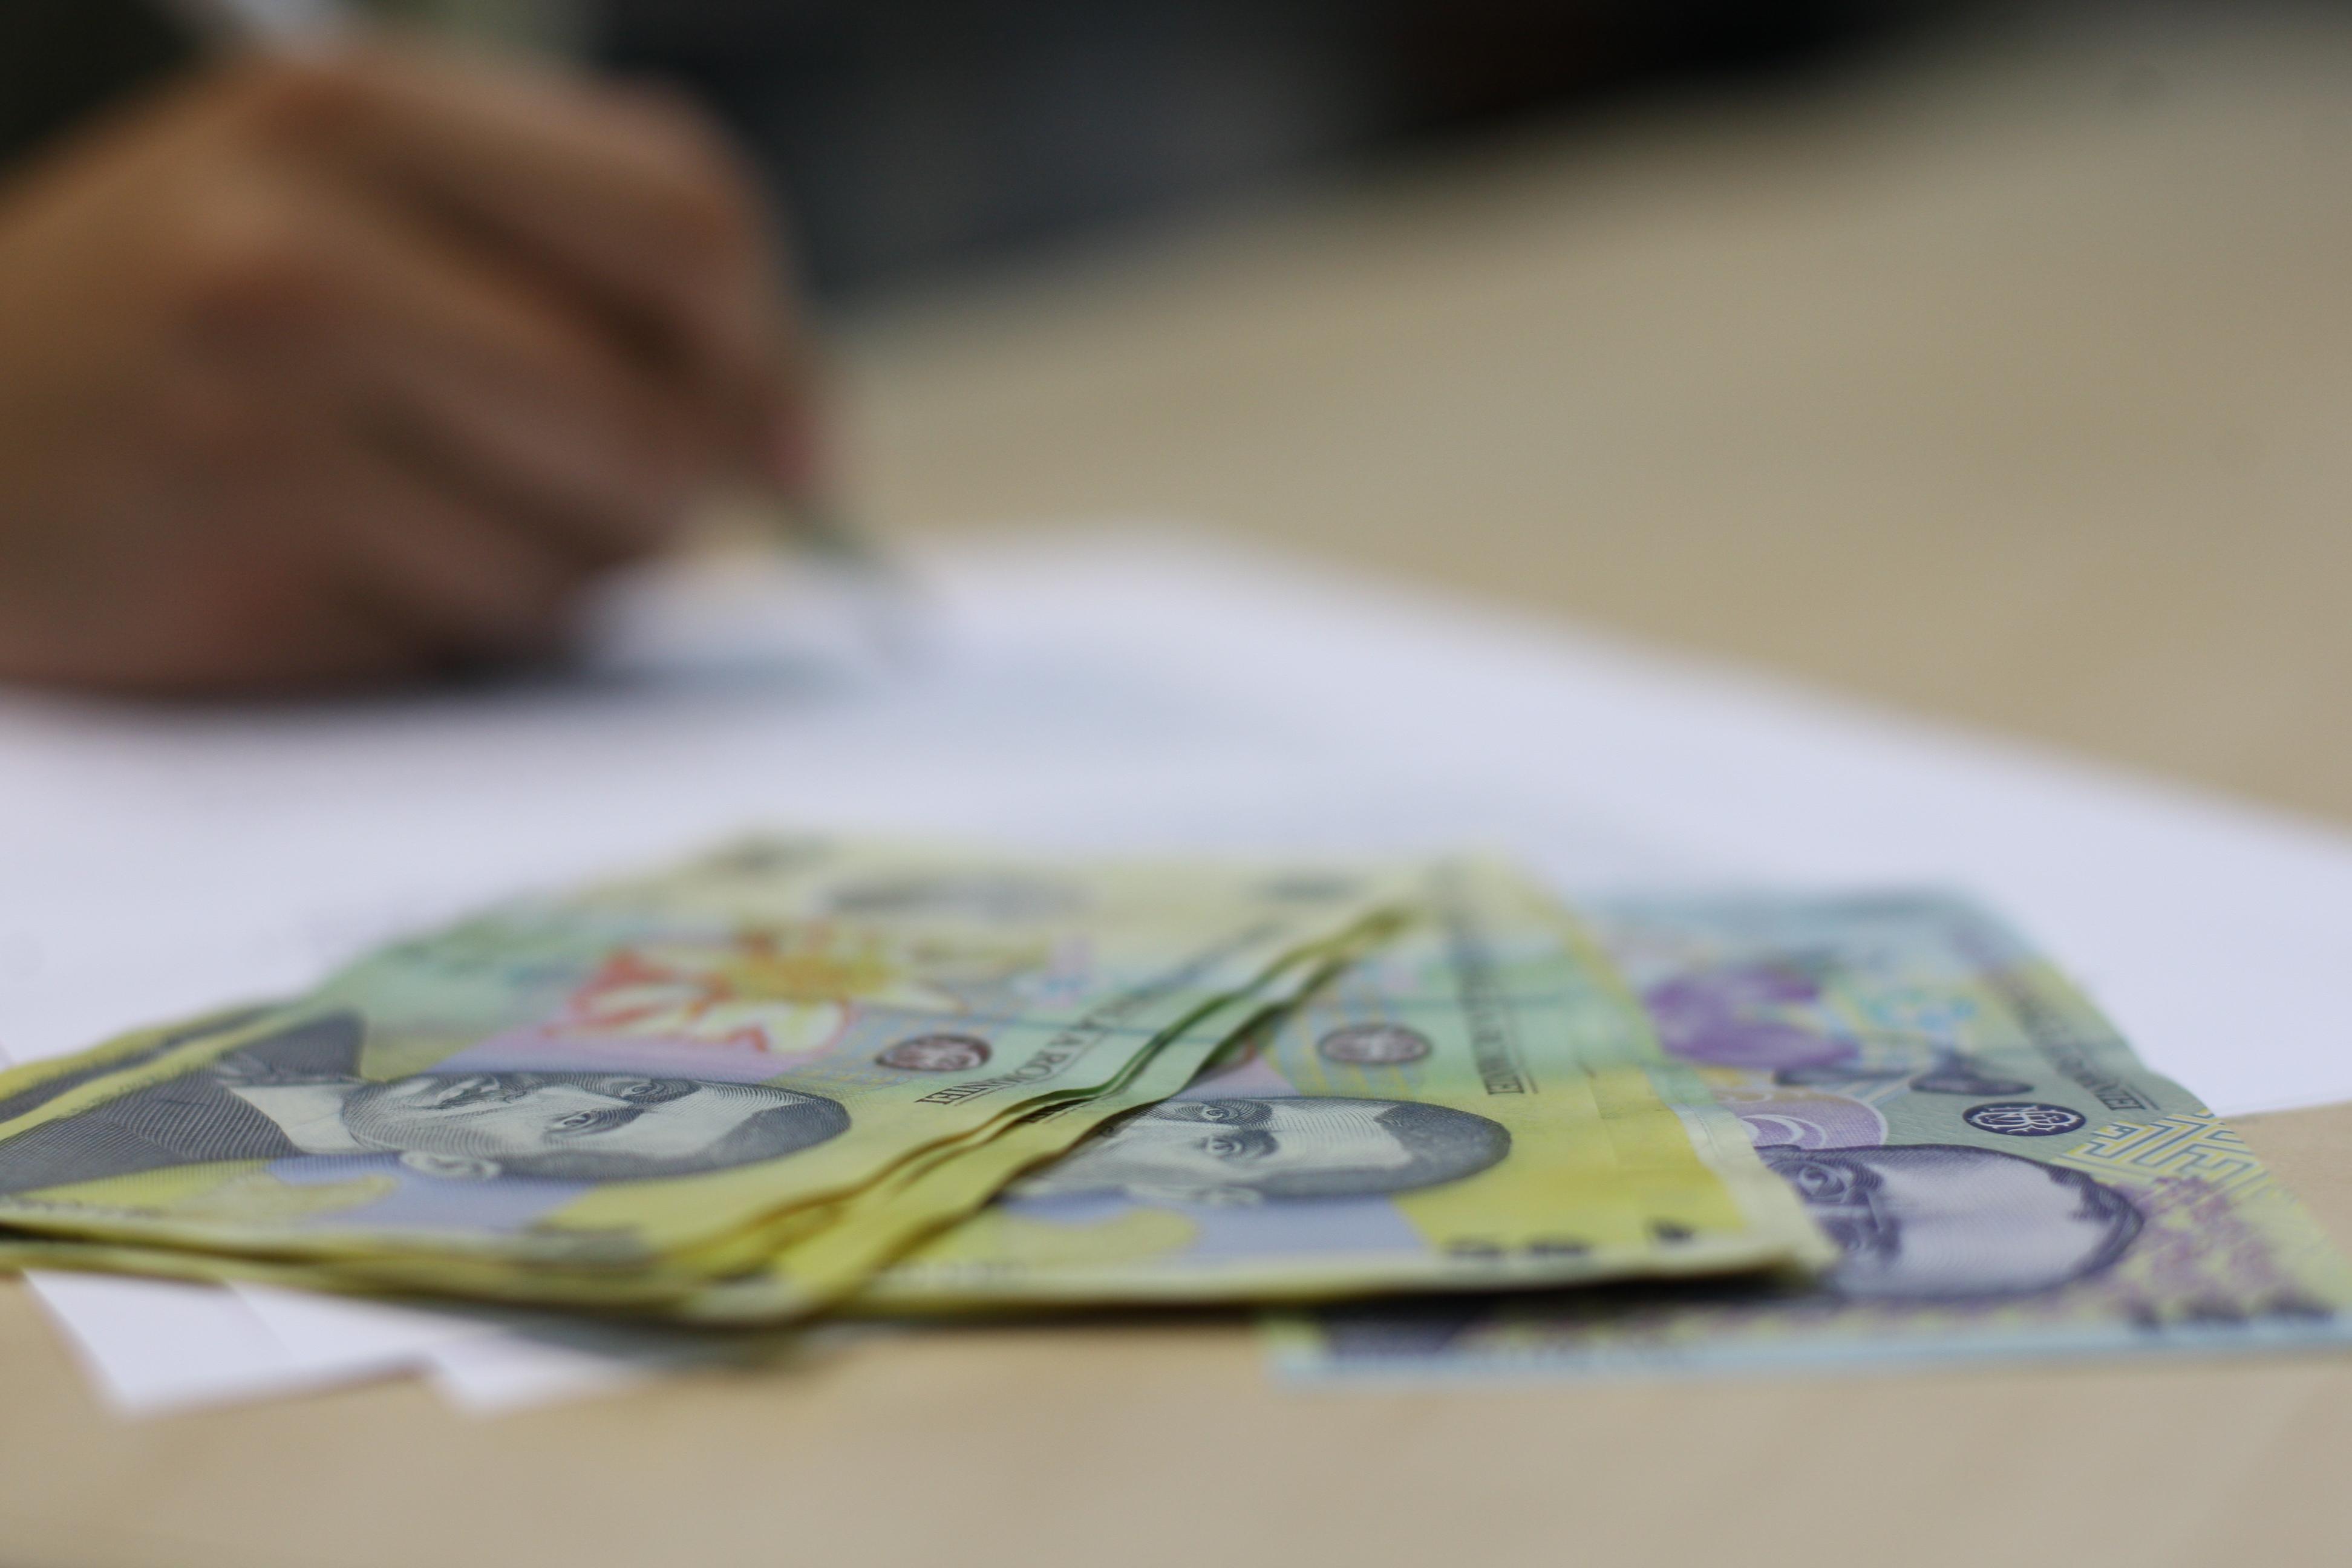 Valoarea salariului mediu brut în România, în creştere cu 4,2% la finele anului 2012